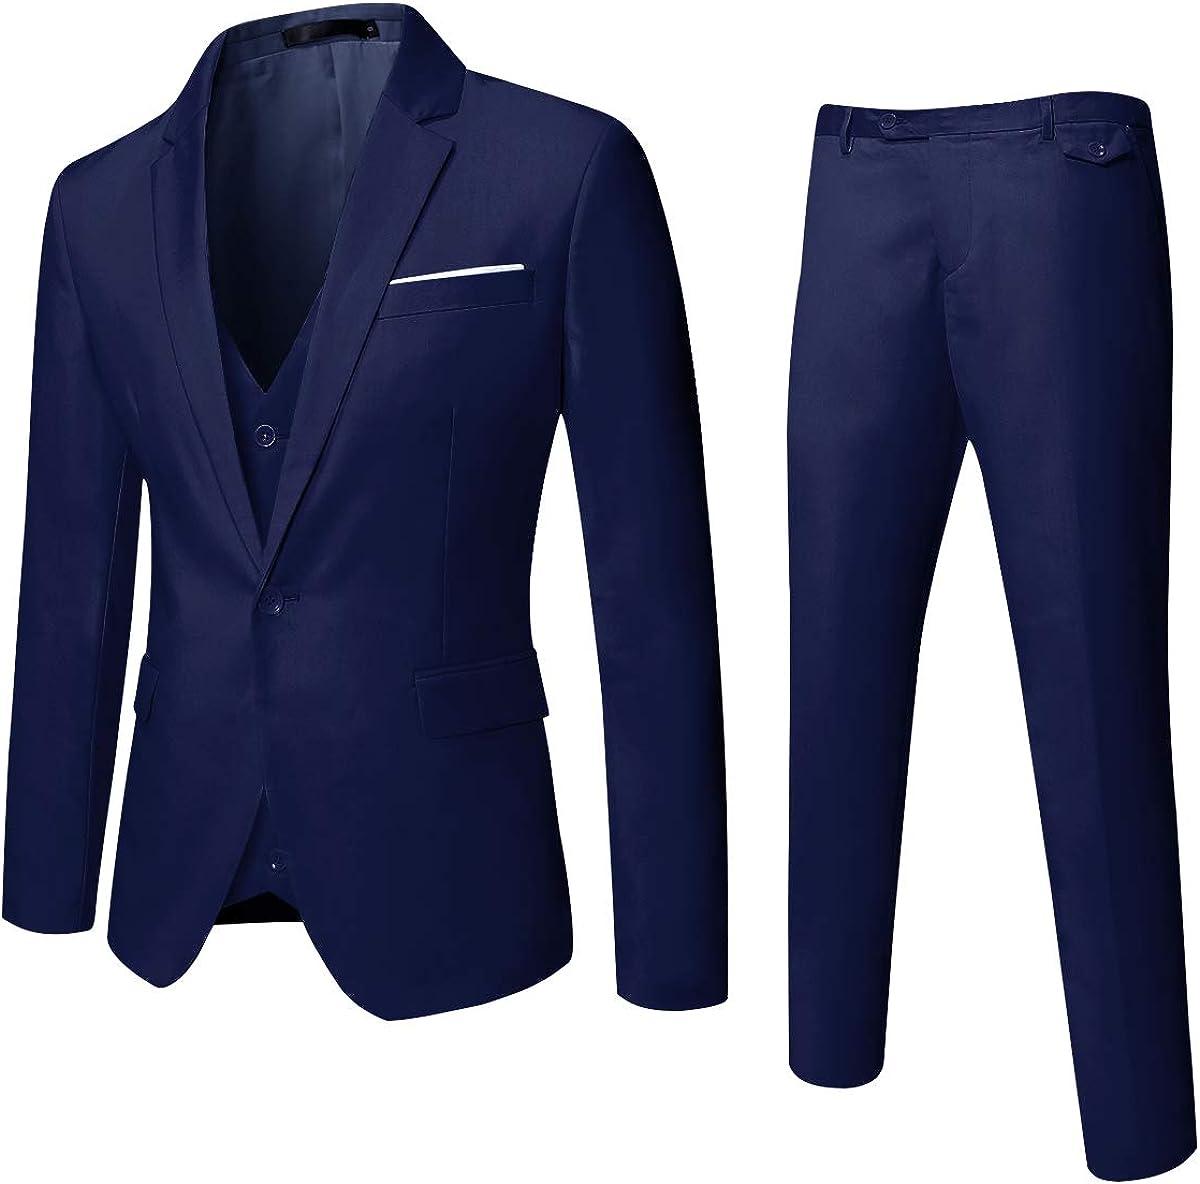 MAGE MALE Mens Solid 3-Piece Suit Slim Fit Notch Lapel One Button Tuxedo Blazer Jacket Pants Vest Set